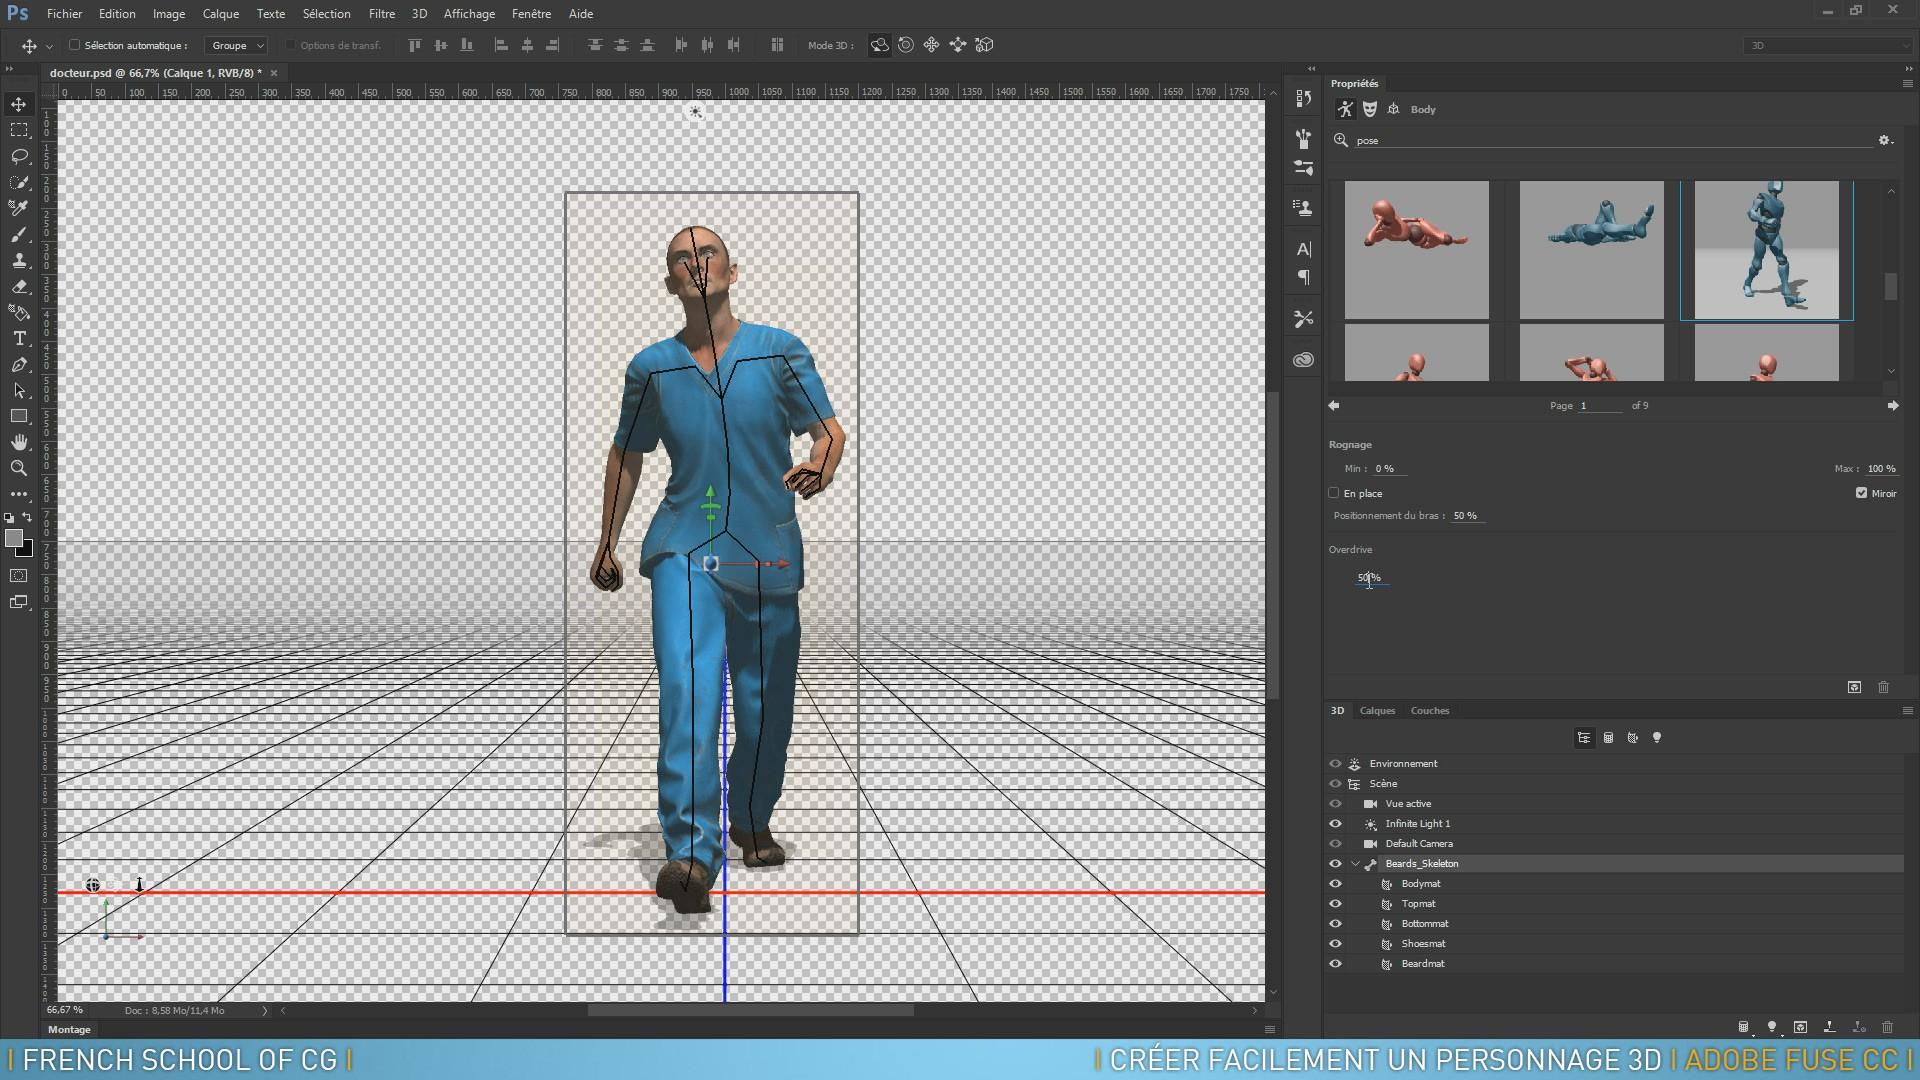 Un logiciel complet pour la conception l'animation et le rendu 3d blender est sans aucun doute l'un des logiciels de modélisation et d'animation 3d les plus populaires blender est un logiciel libre conçu pour la modélisation l'animation et le rendu en trois dimensions.